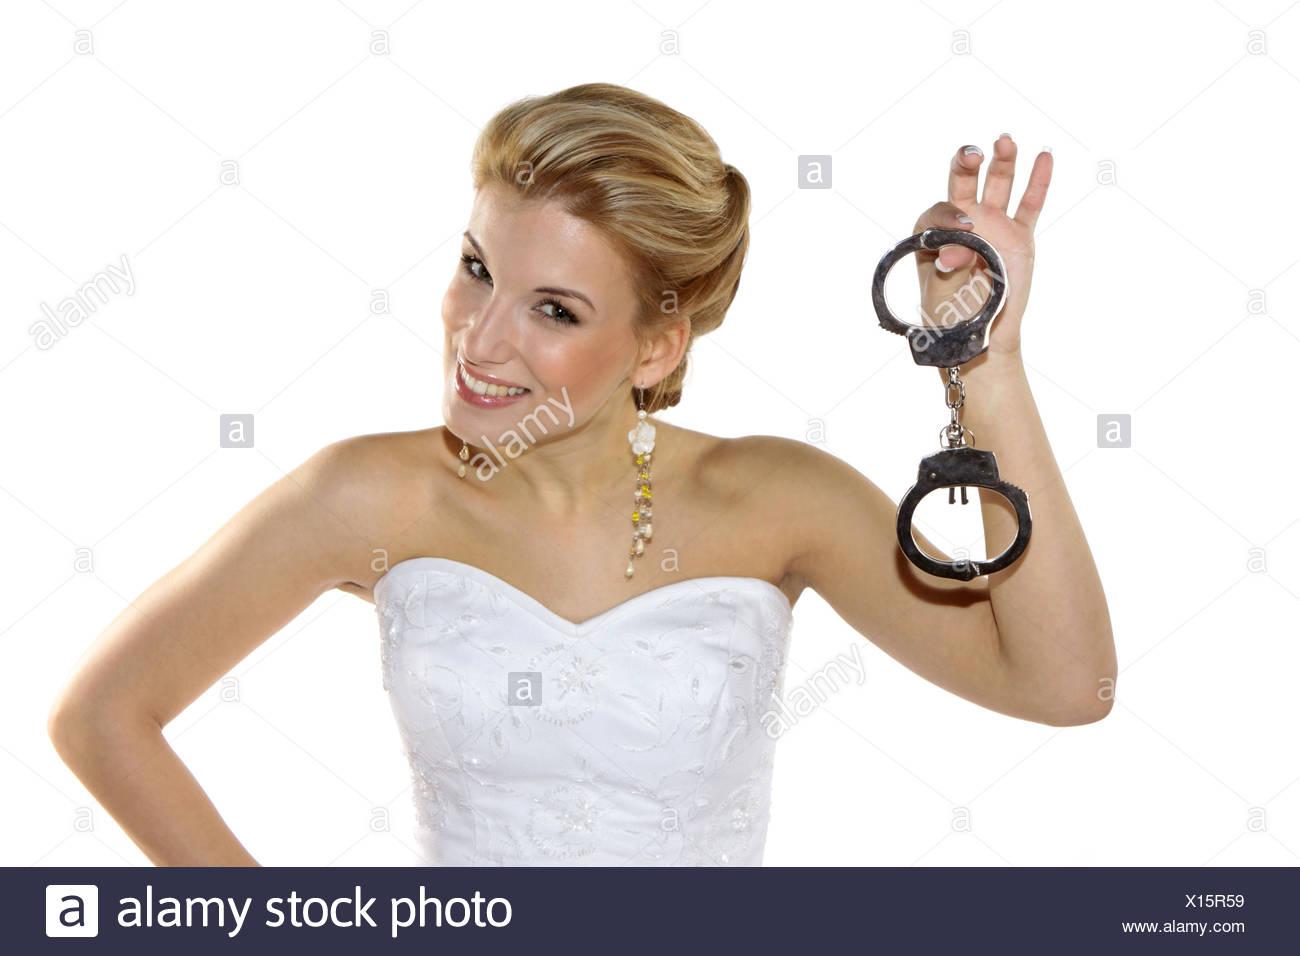 Ausgezeichnet Wesen Der Brautkleider Australien Galerie - Hochzeit ...